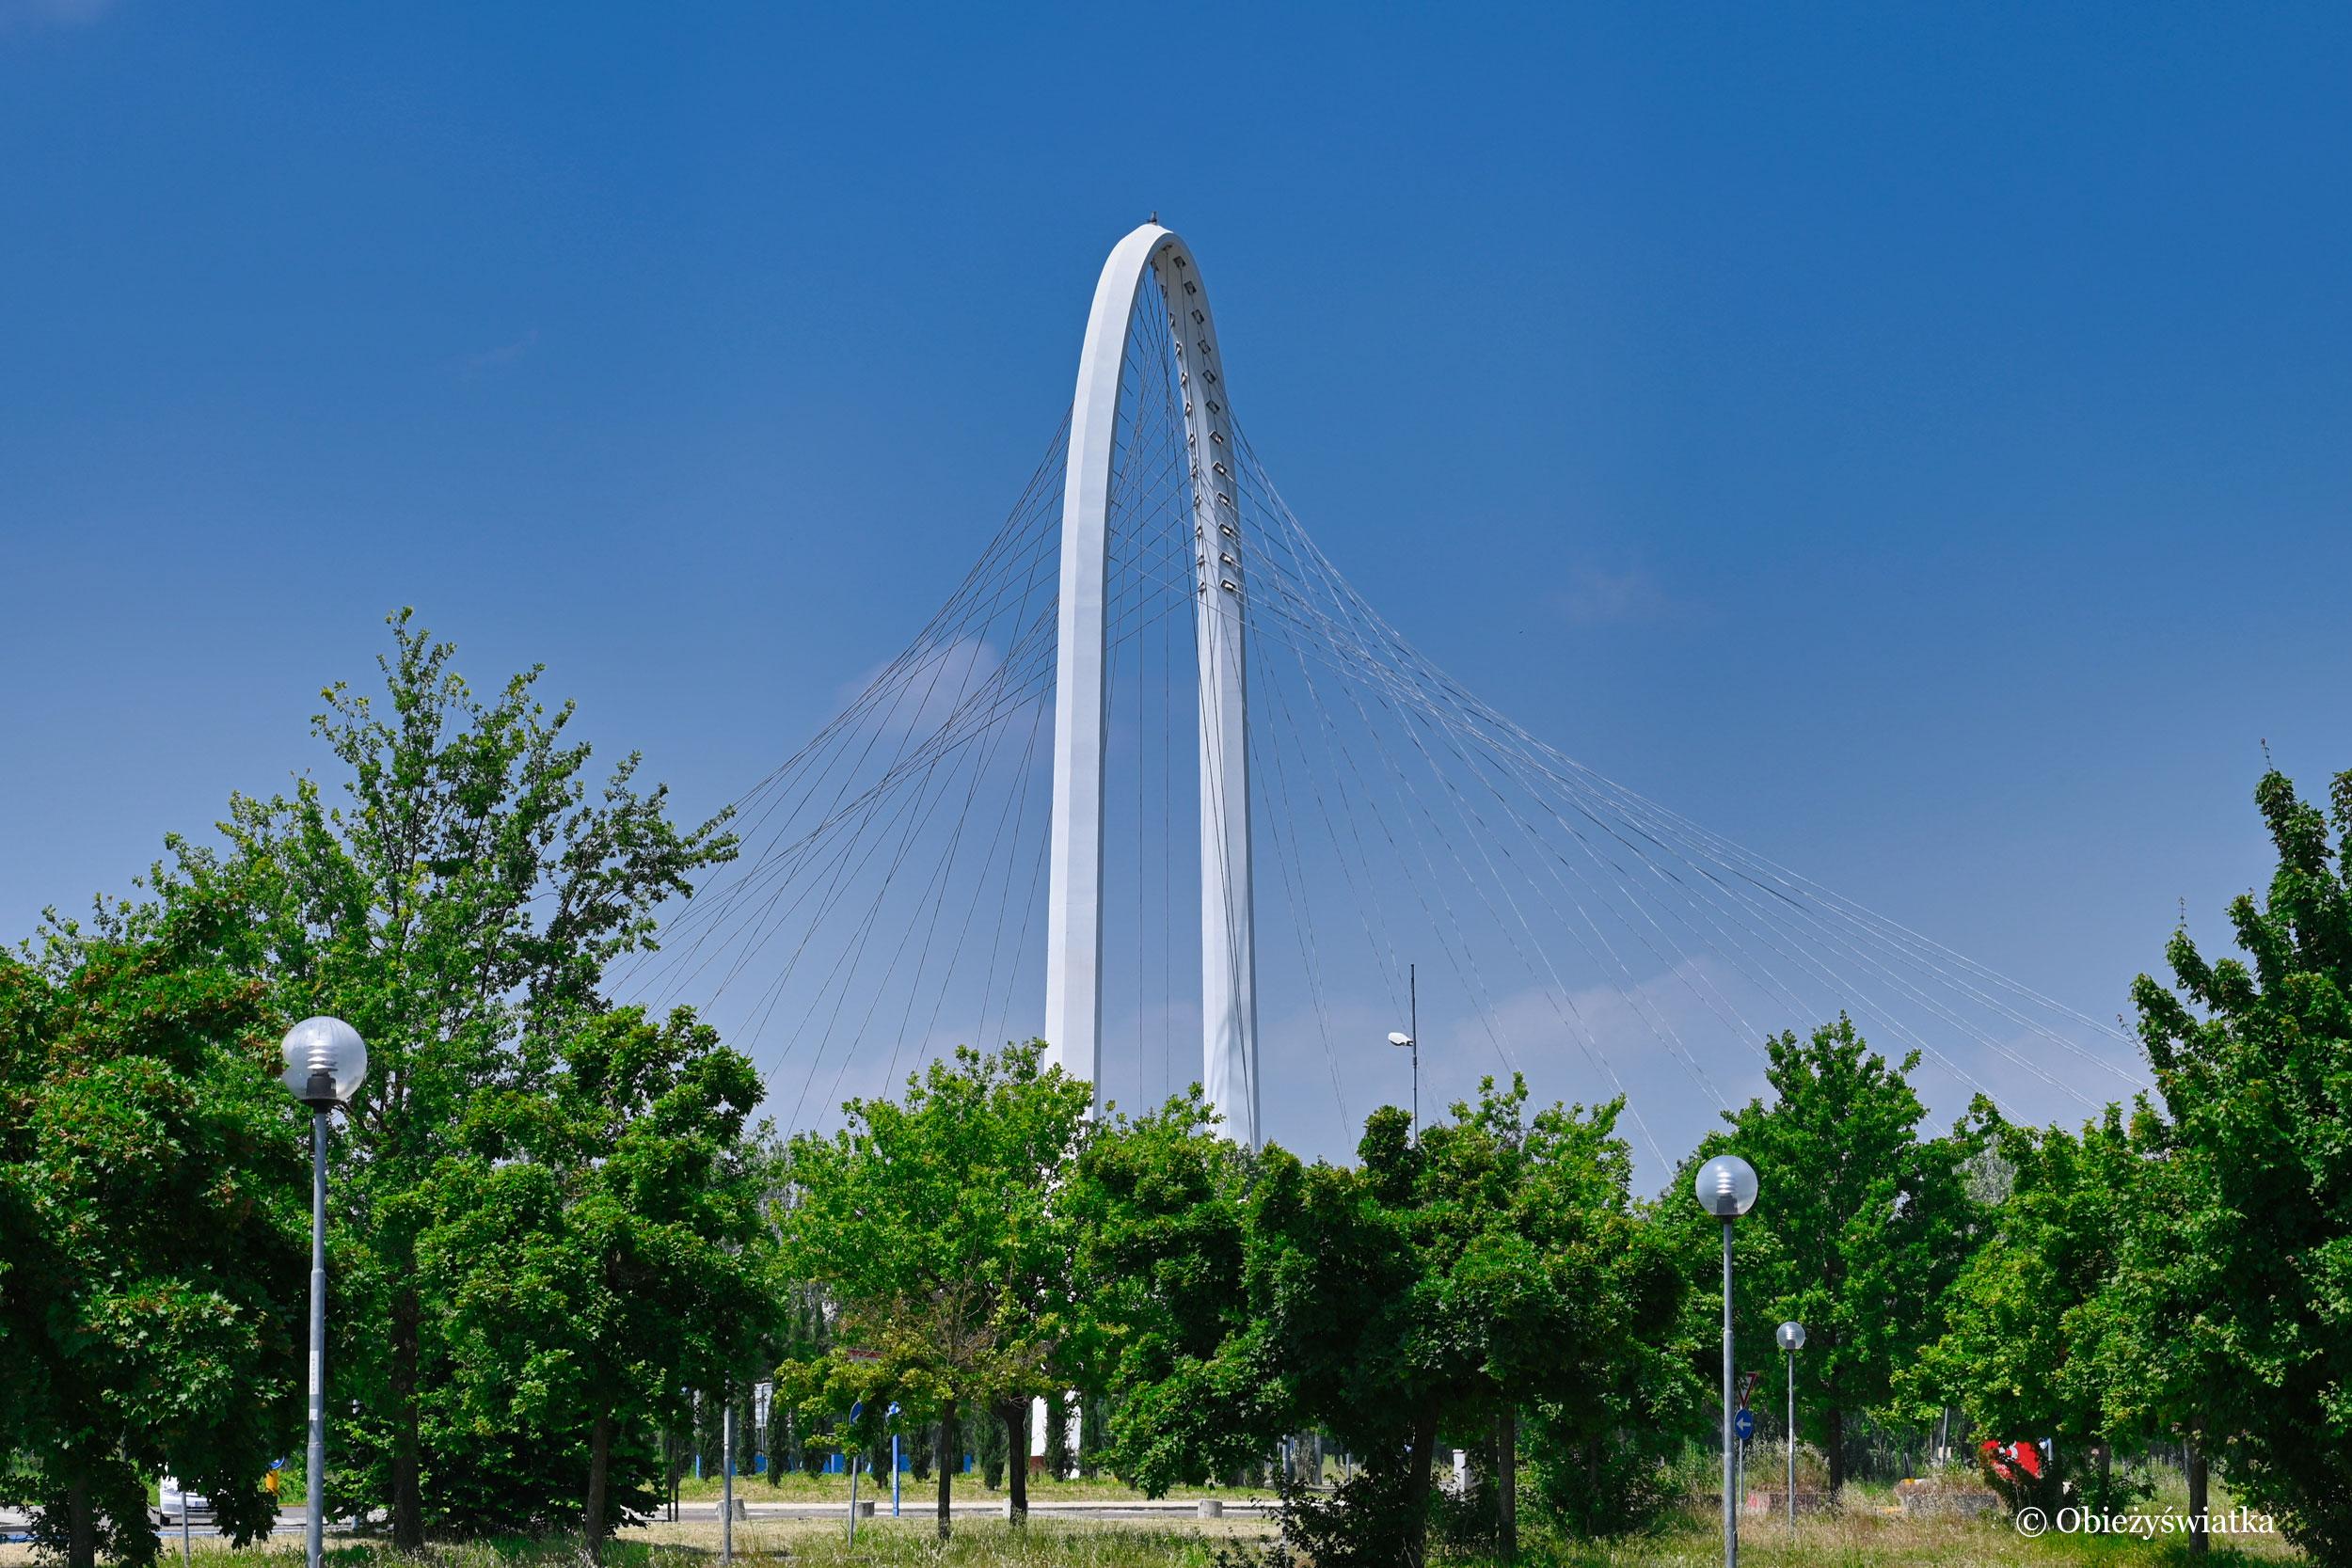 Jeden z mostów Calatravy, Reggio Emilia, Włochy